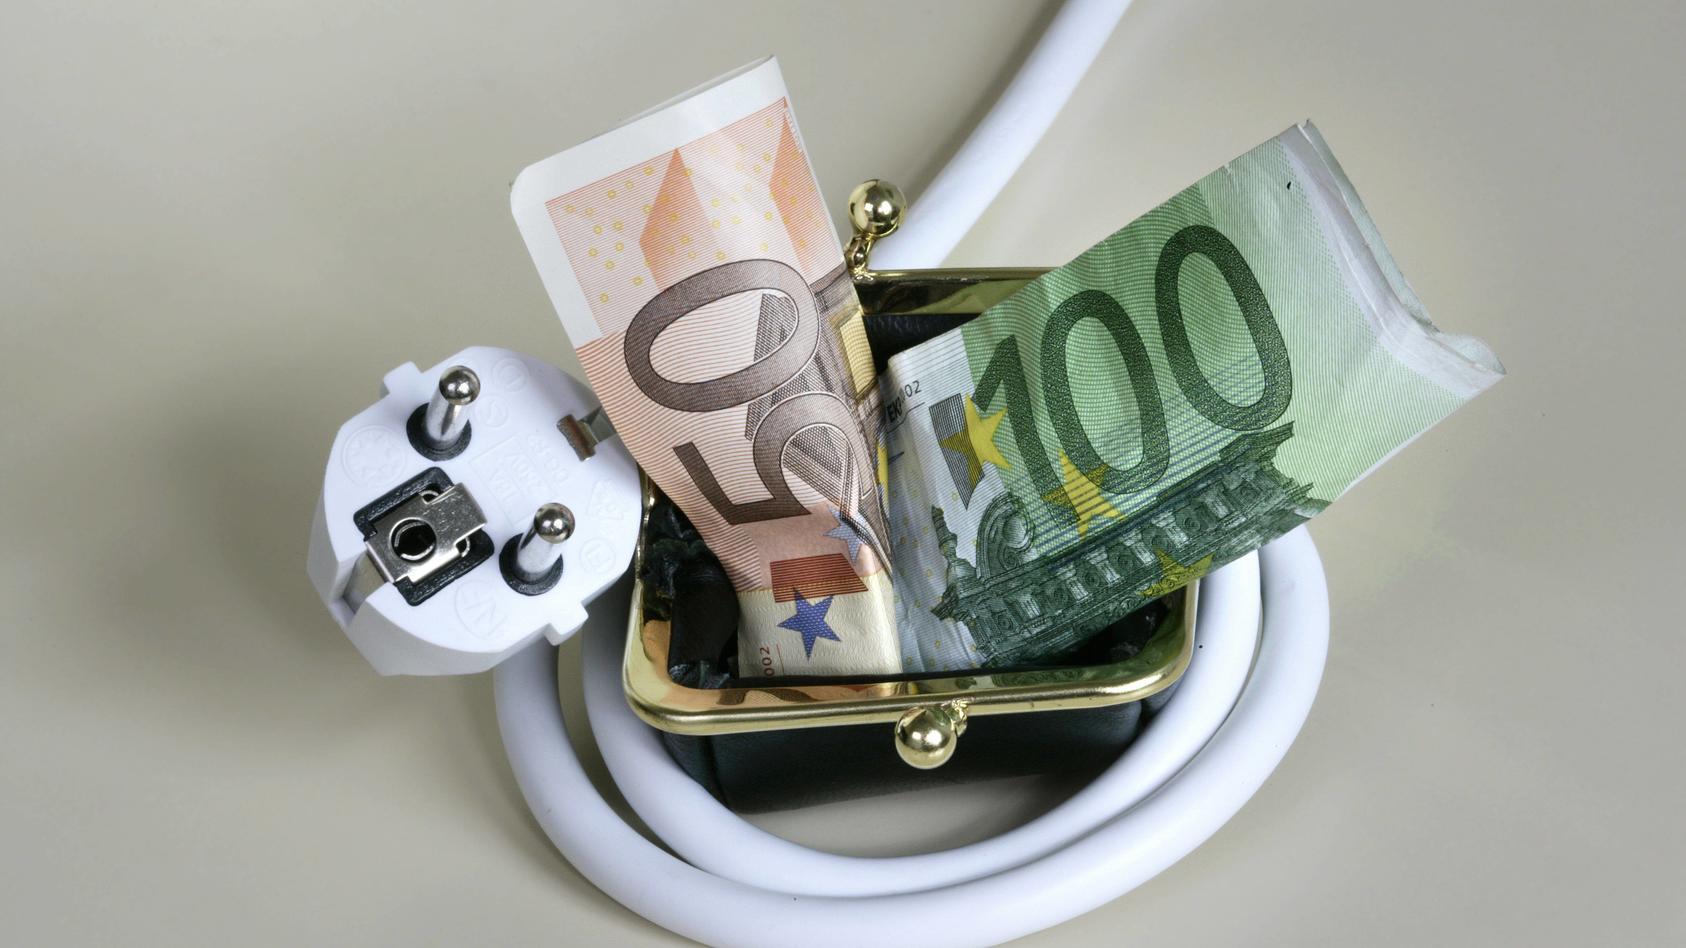 im-kommenden-jahr-erhalten-hartz-iv-bezieher-ein-paar-euro-mehr-unterm-strich-durften-sie-am-monatsende-trotzdem-weniger-geld-zur-verfugung-haben